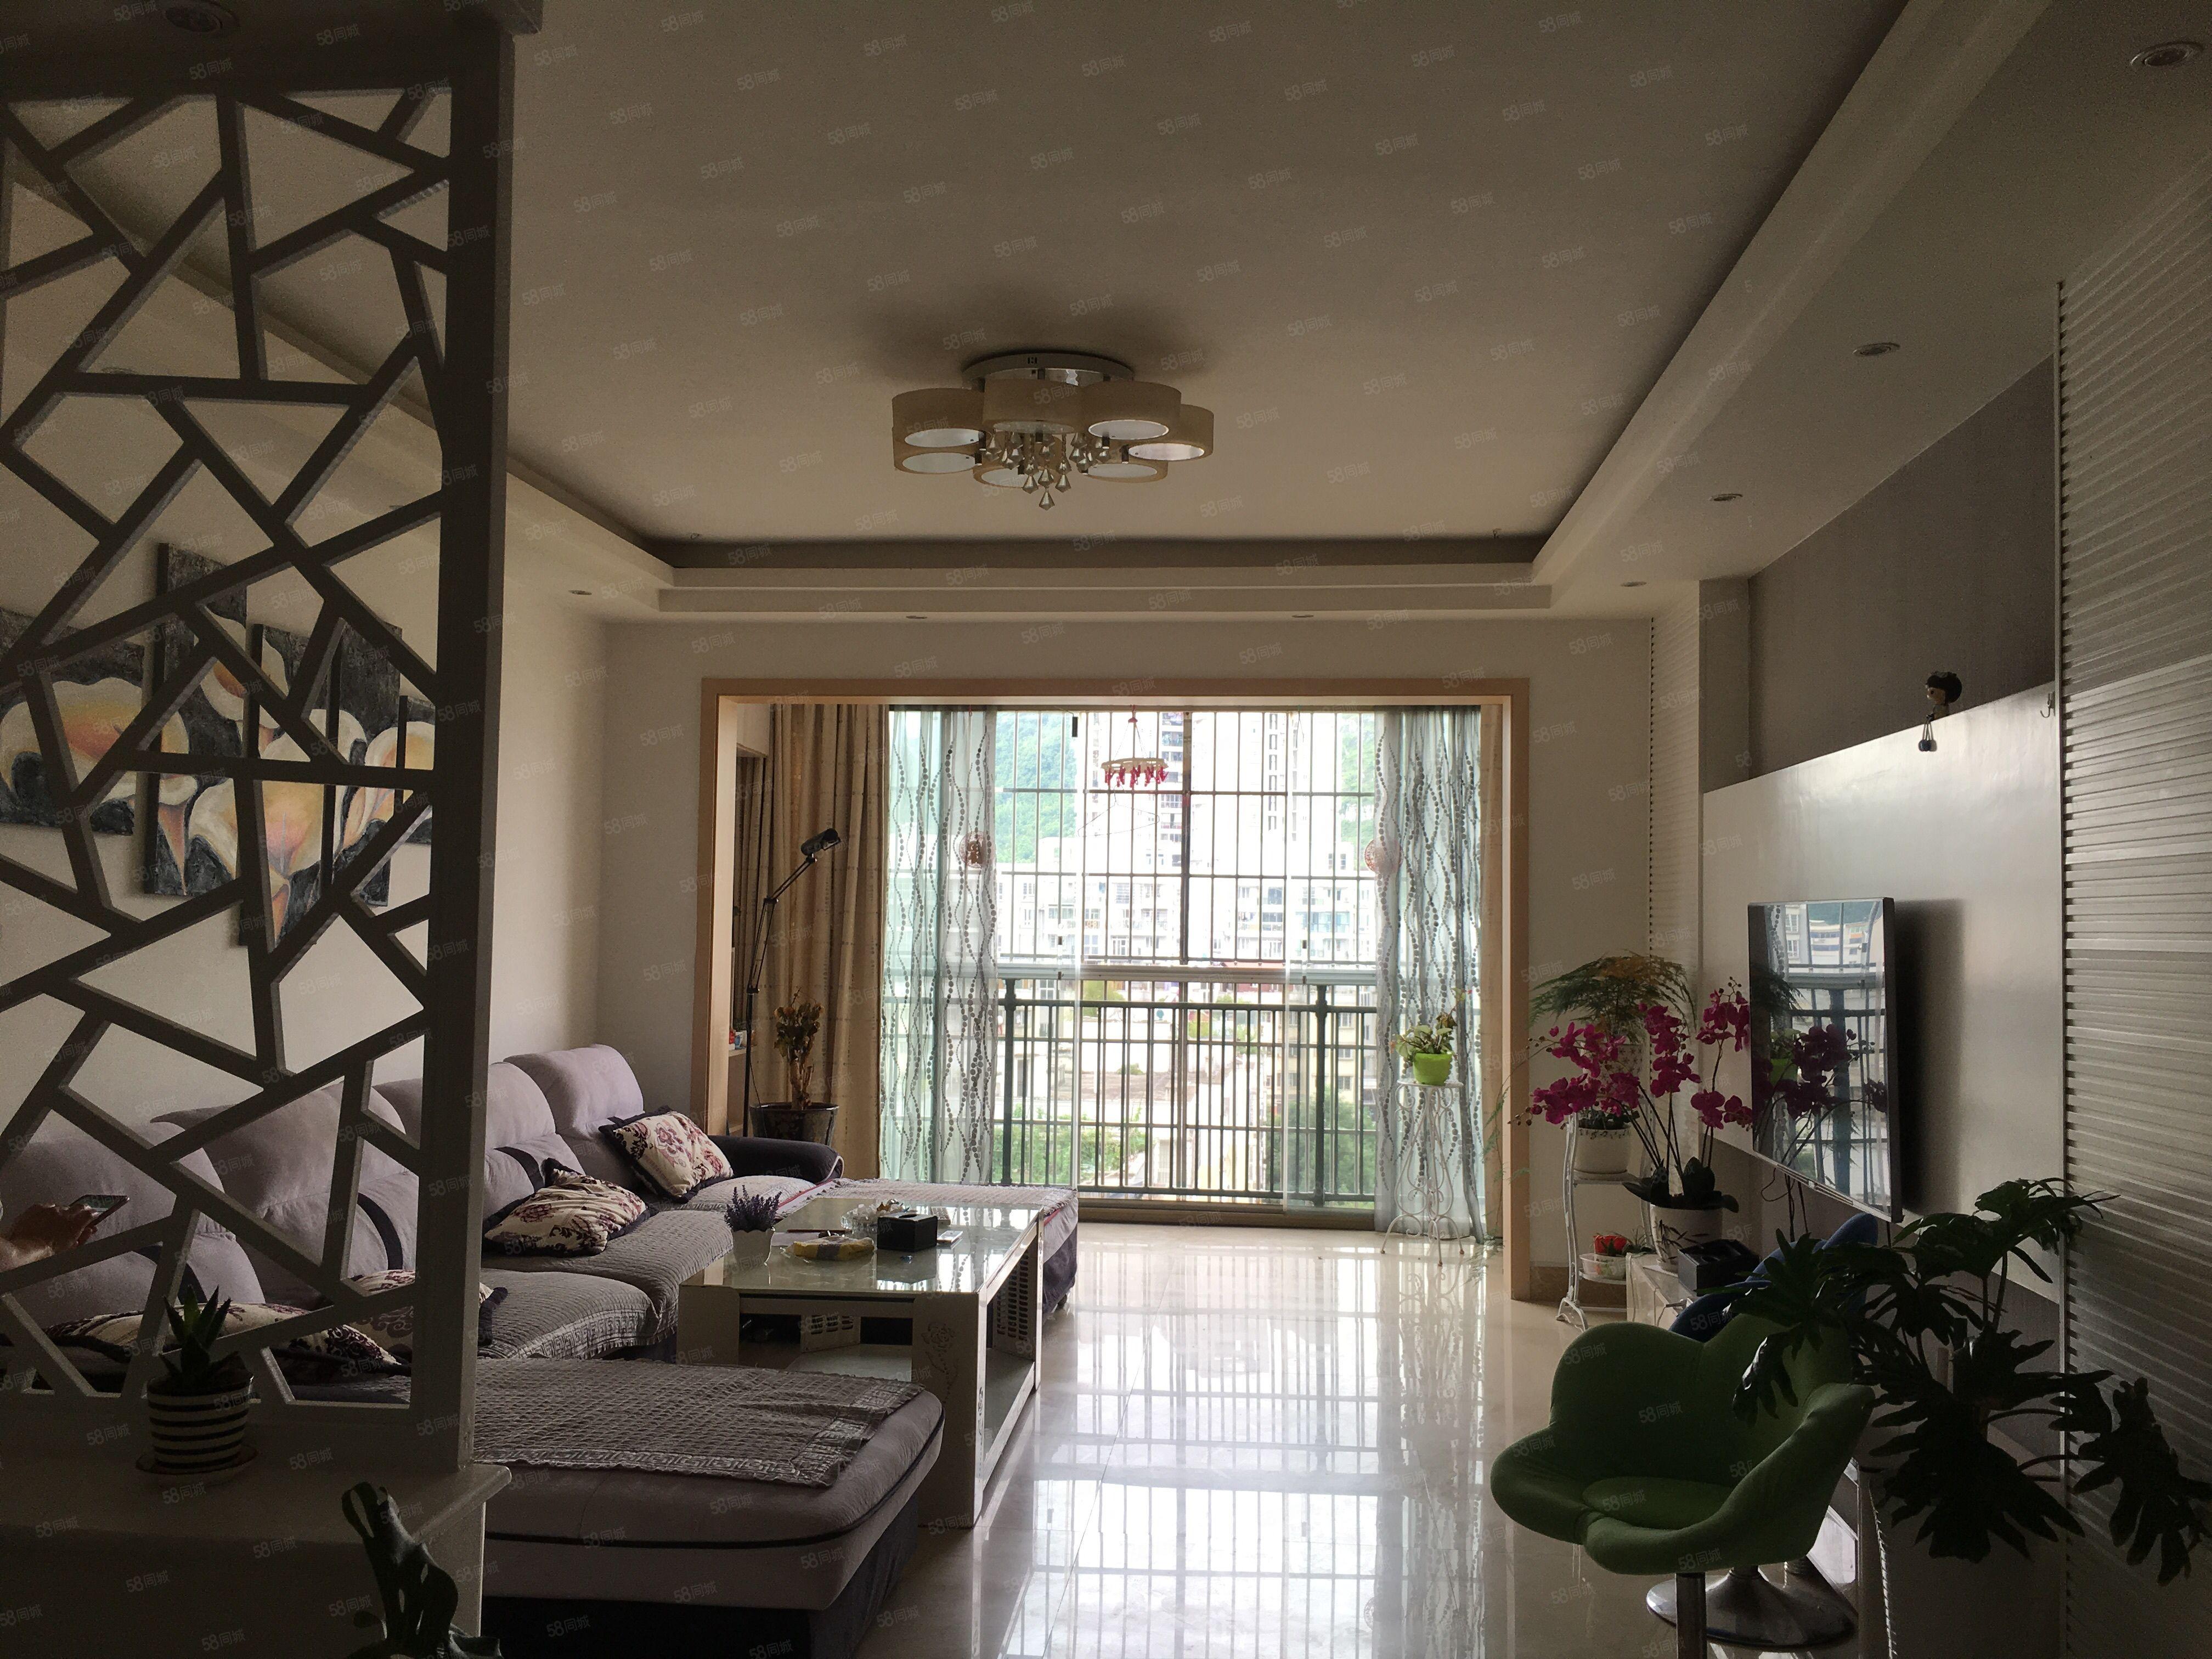 新天地3室2厅2卫精装房小高层